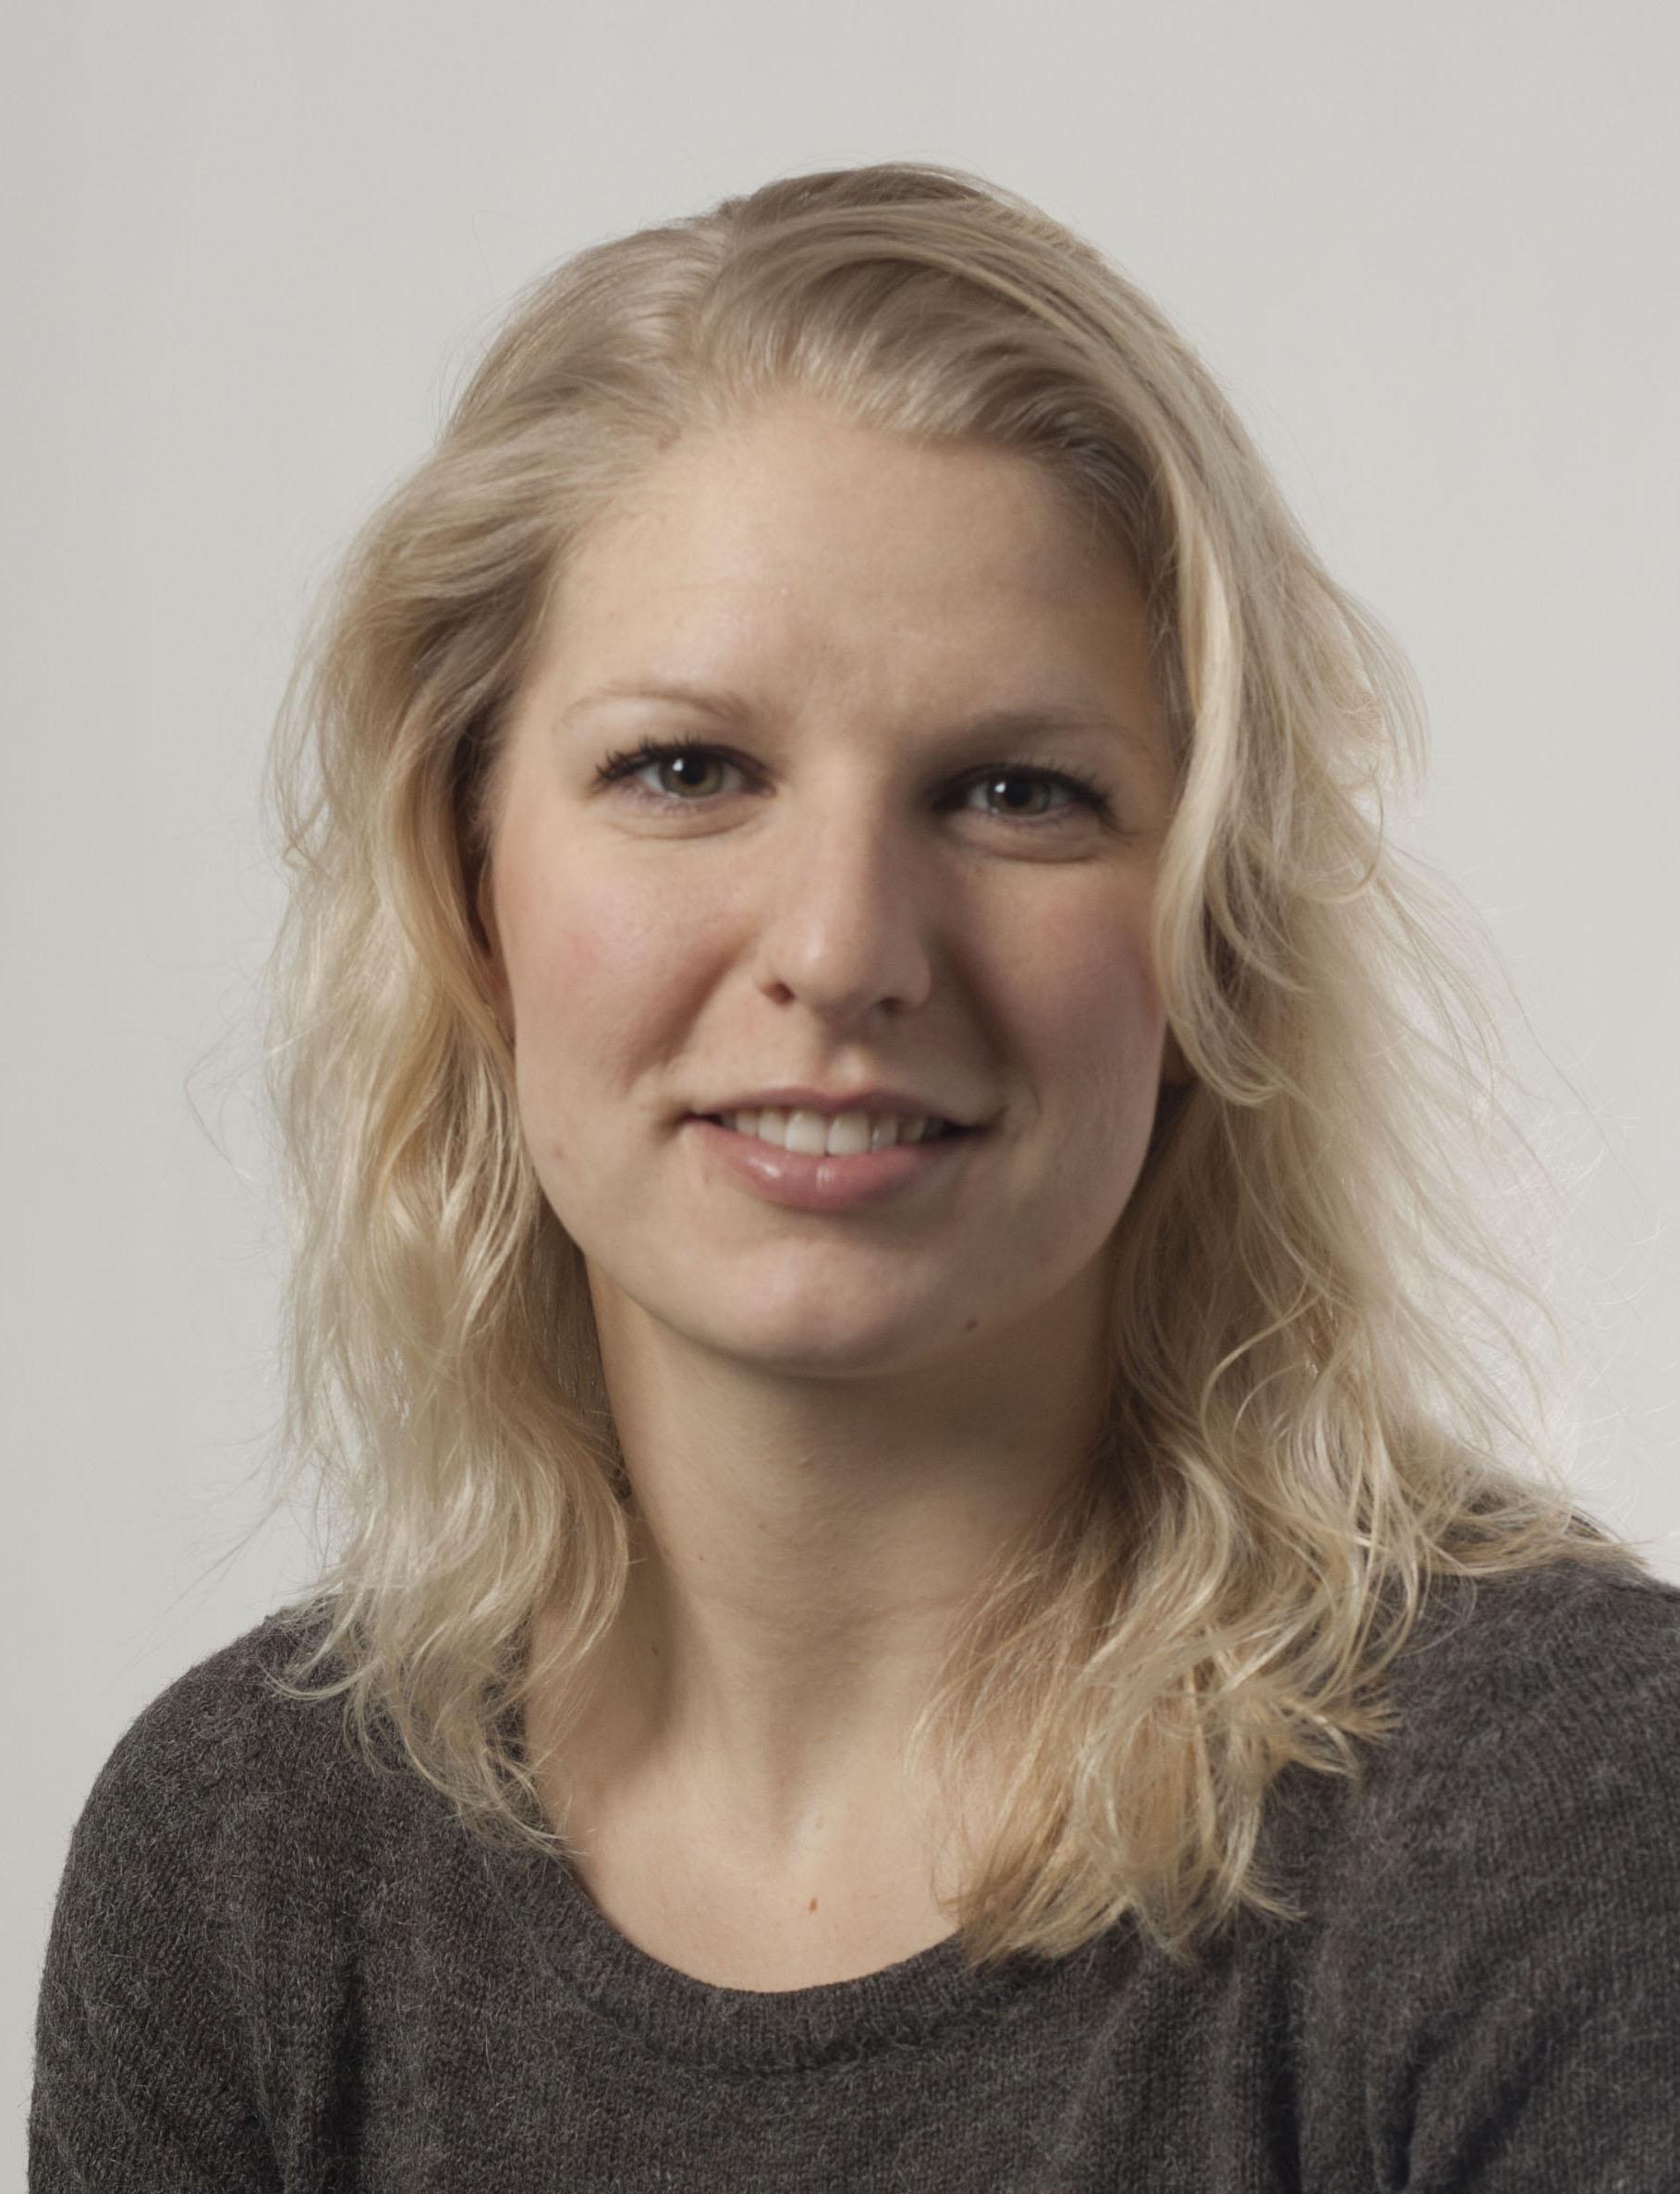 Malene Sønnichsen